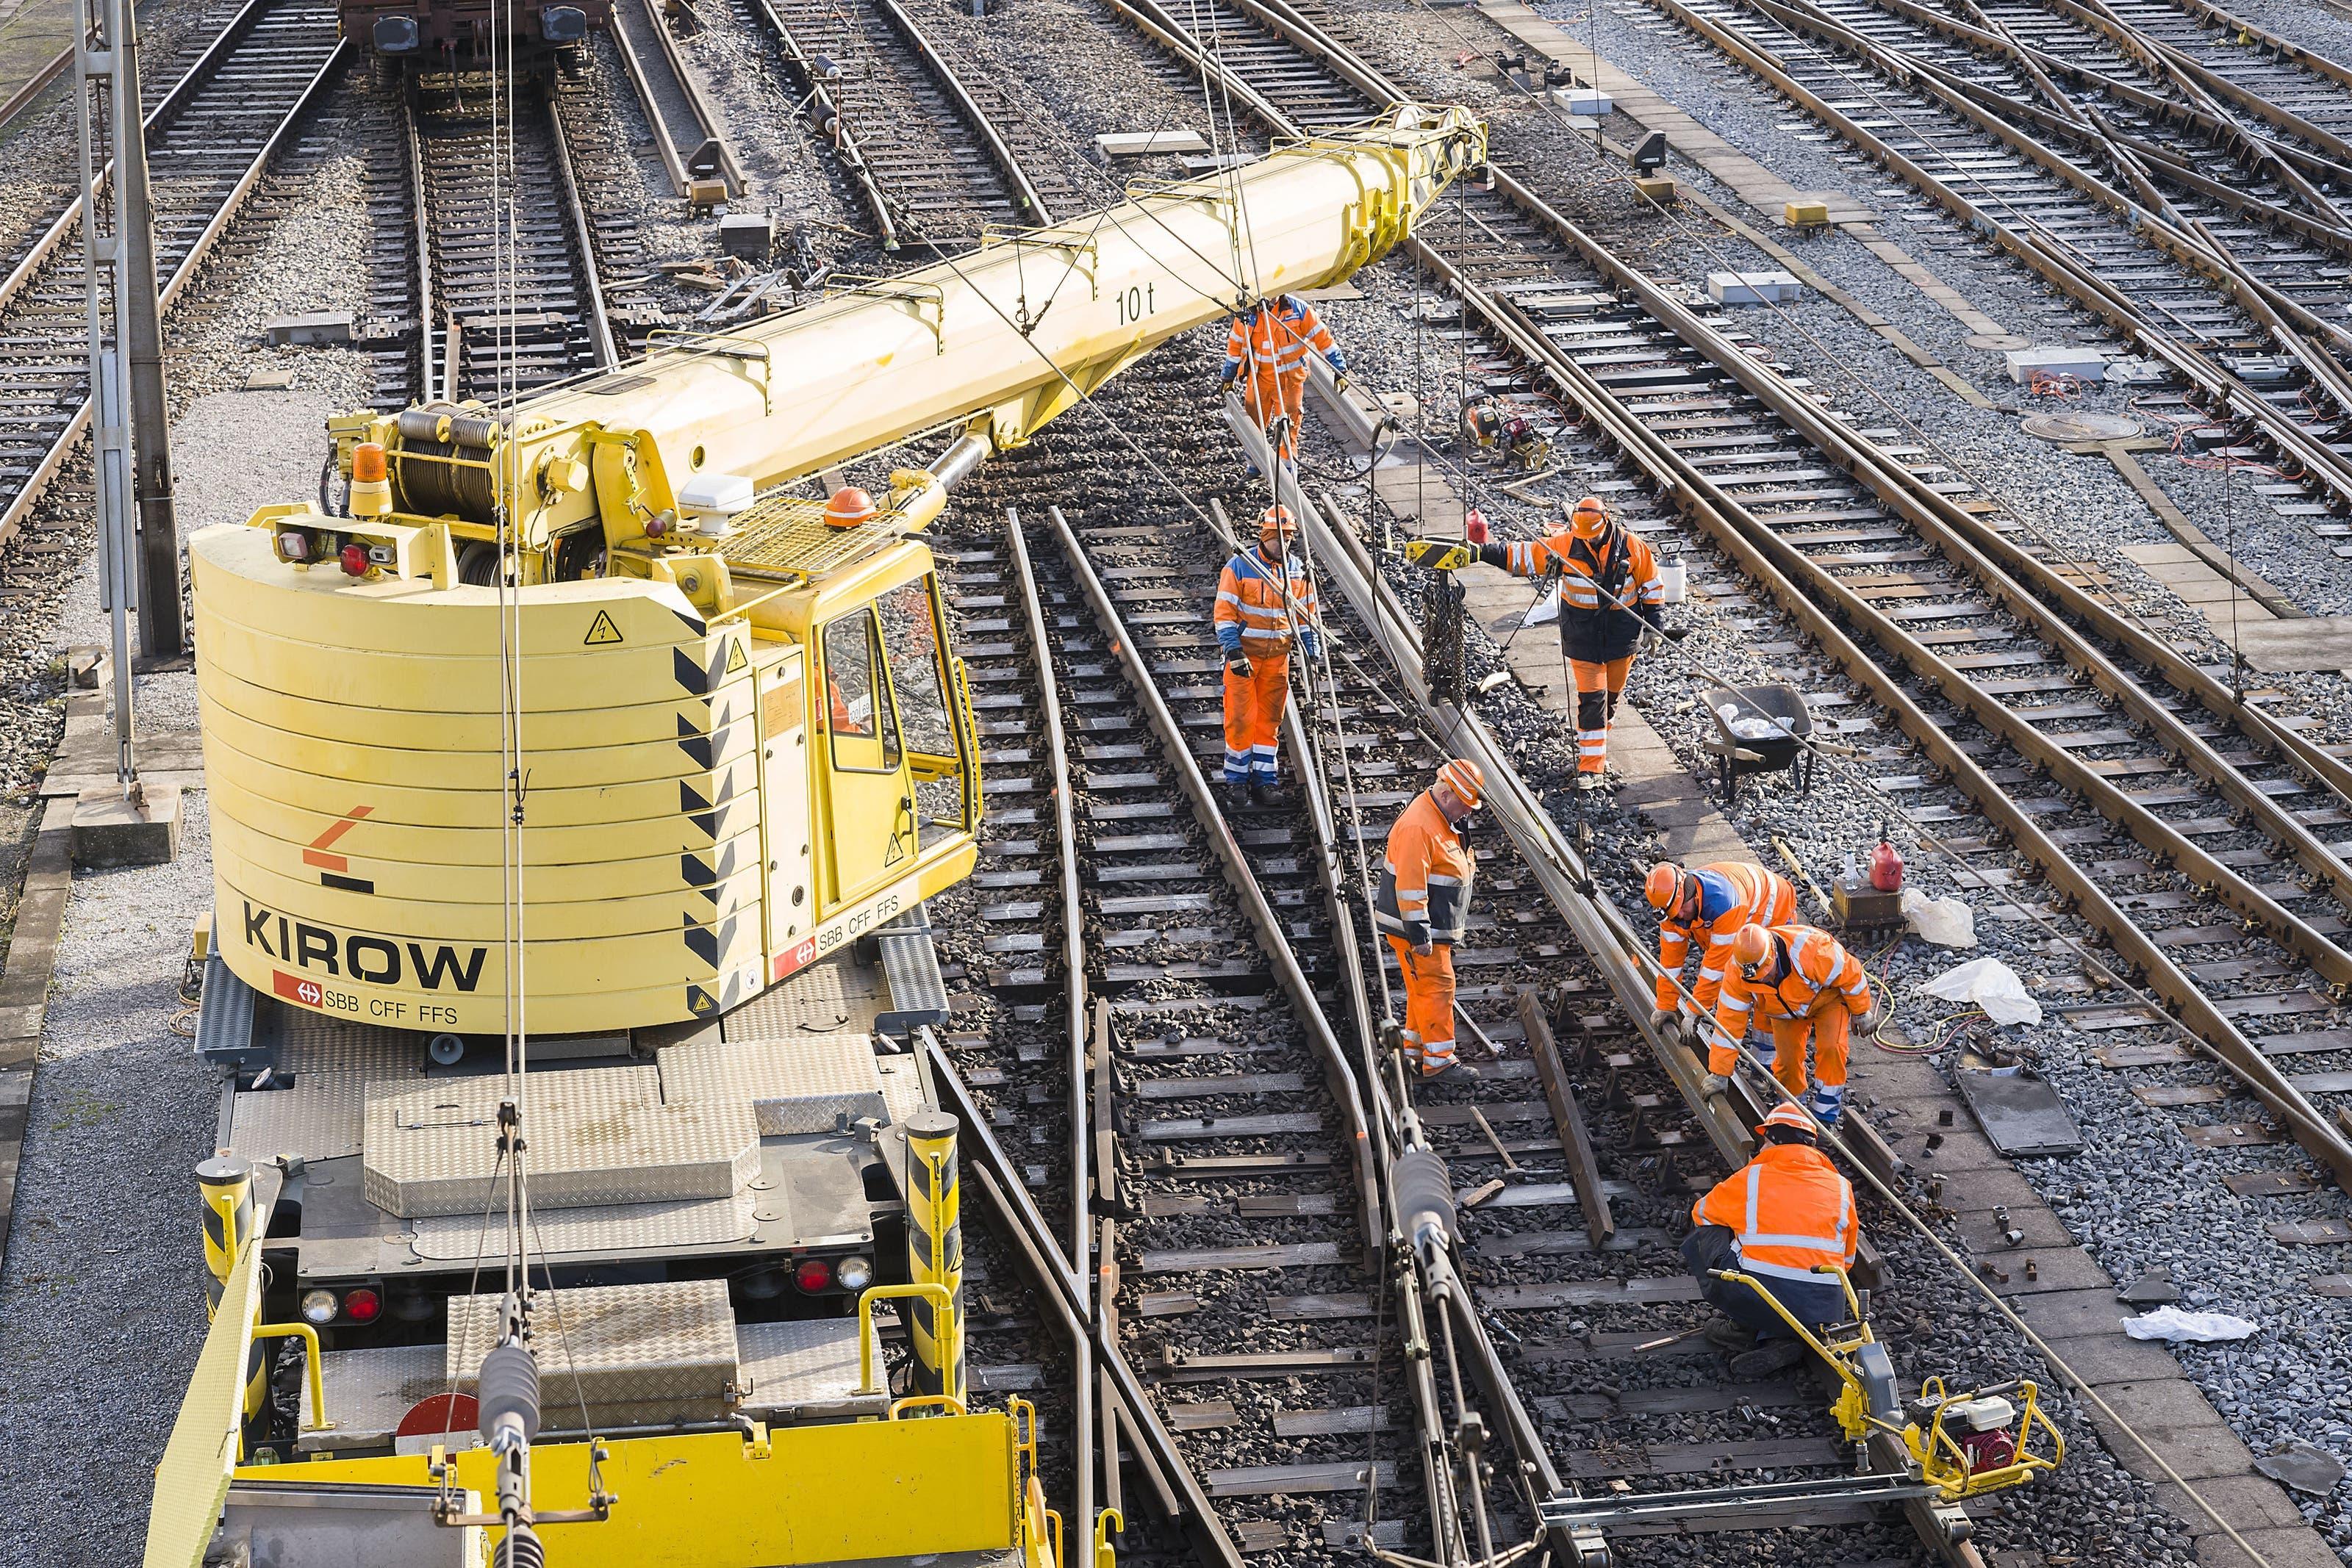 Zug-Entgleisung in Basel Nach dem Unfall am Mittwoch werden auch am Freitag noch die Gleise und Weichen repariert.